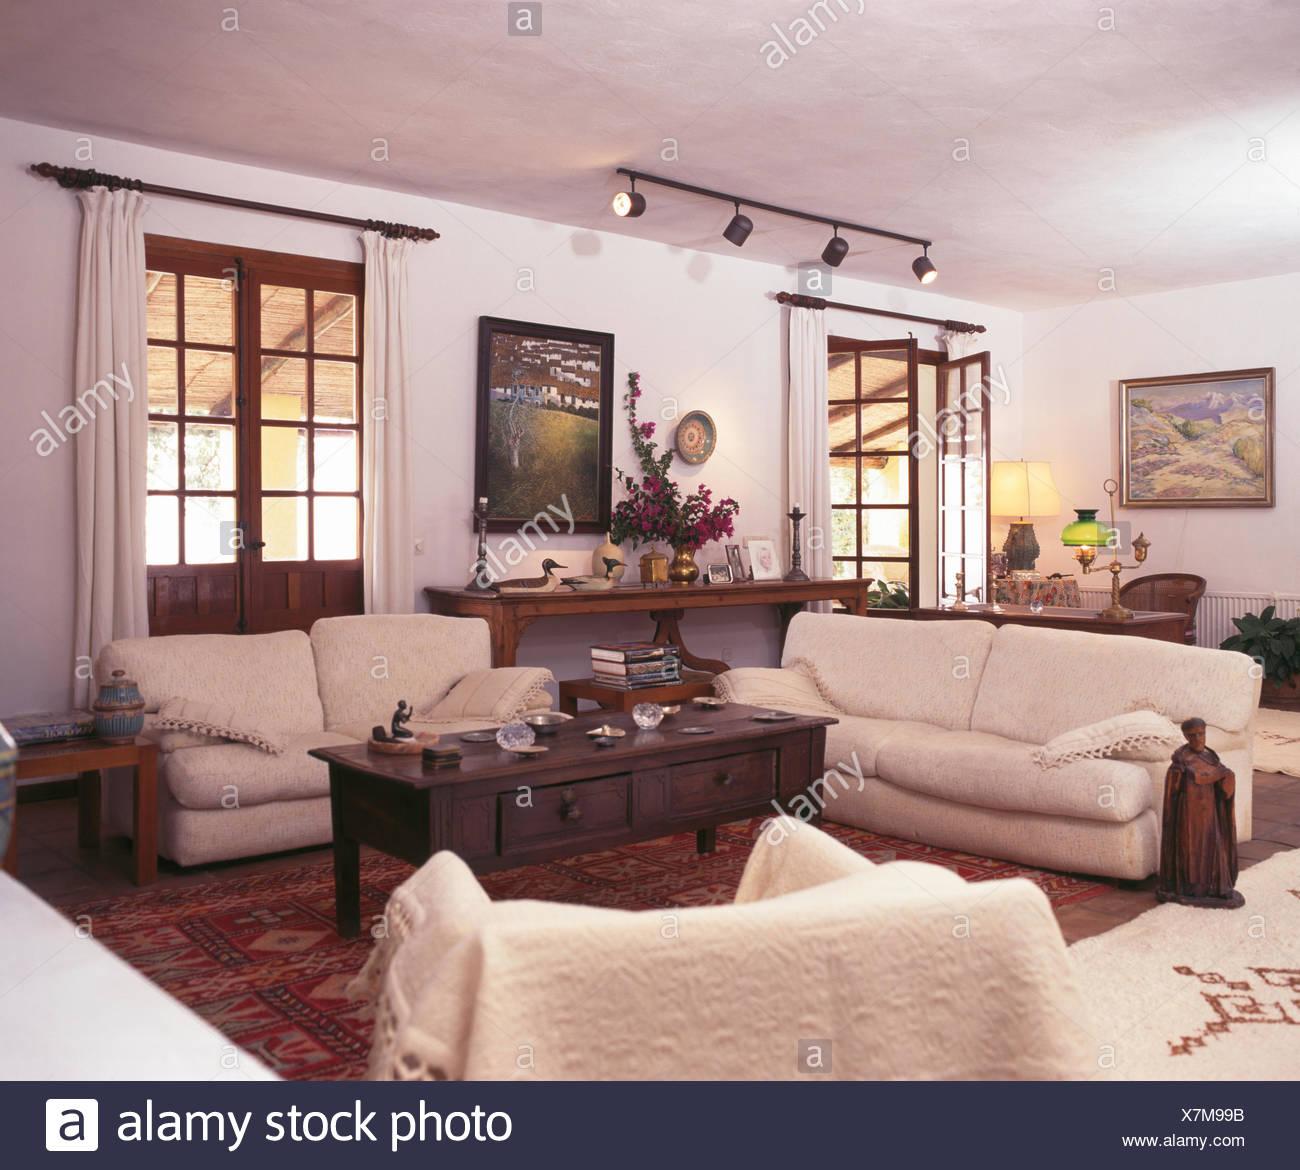 Blickfang Couchtisch Dunkles Holz Beste Wahl Cremefarbene Sofas Und In Weißen Spanischen Wohnzimmer